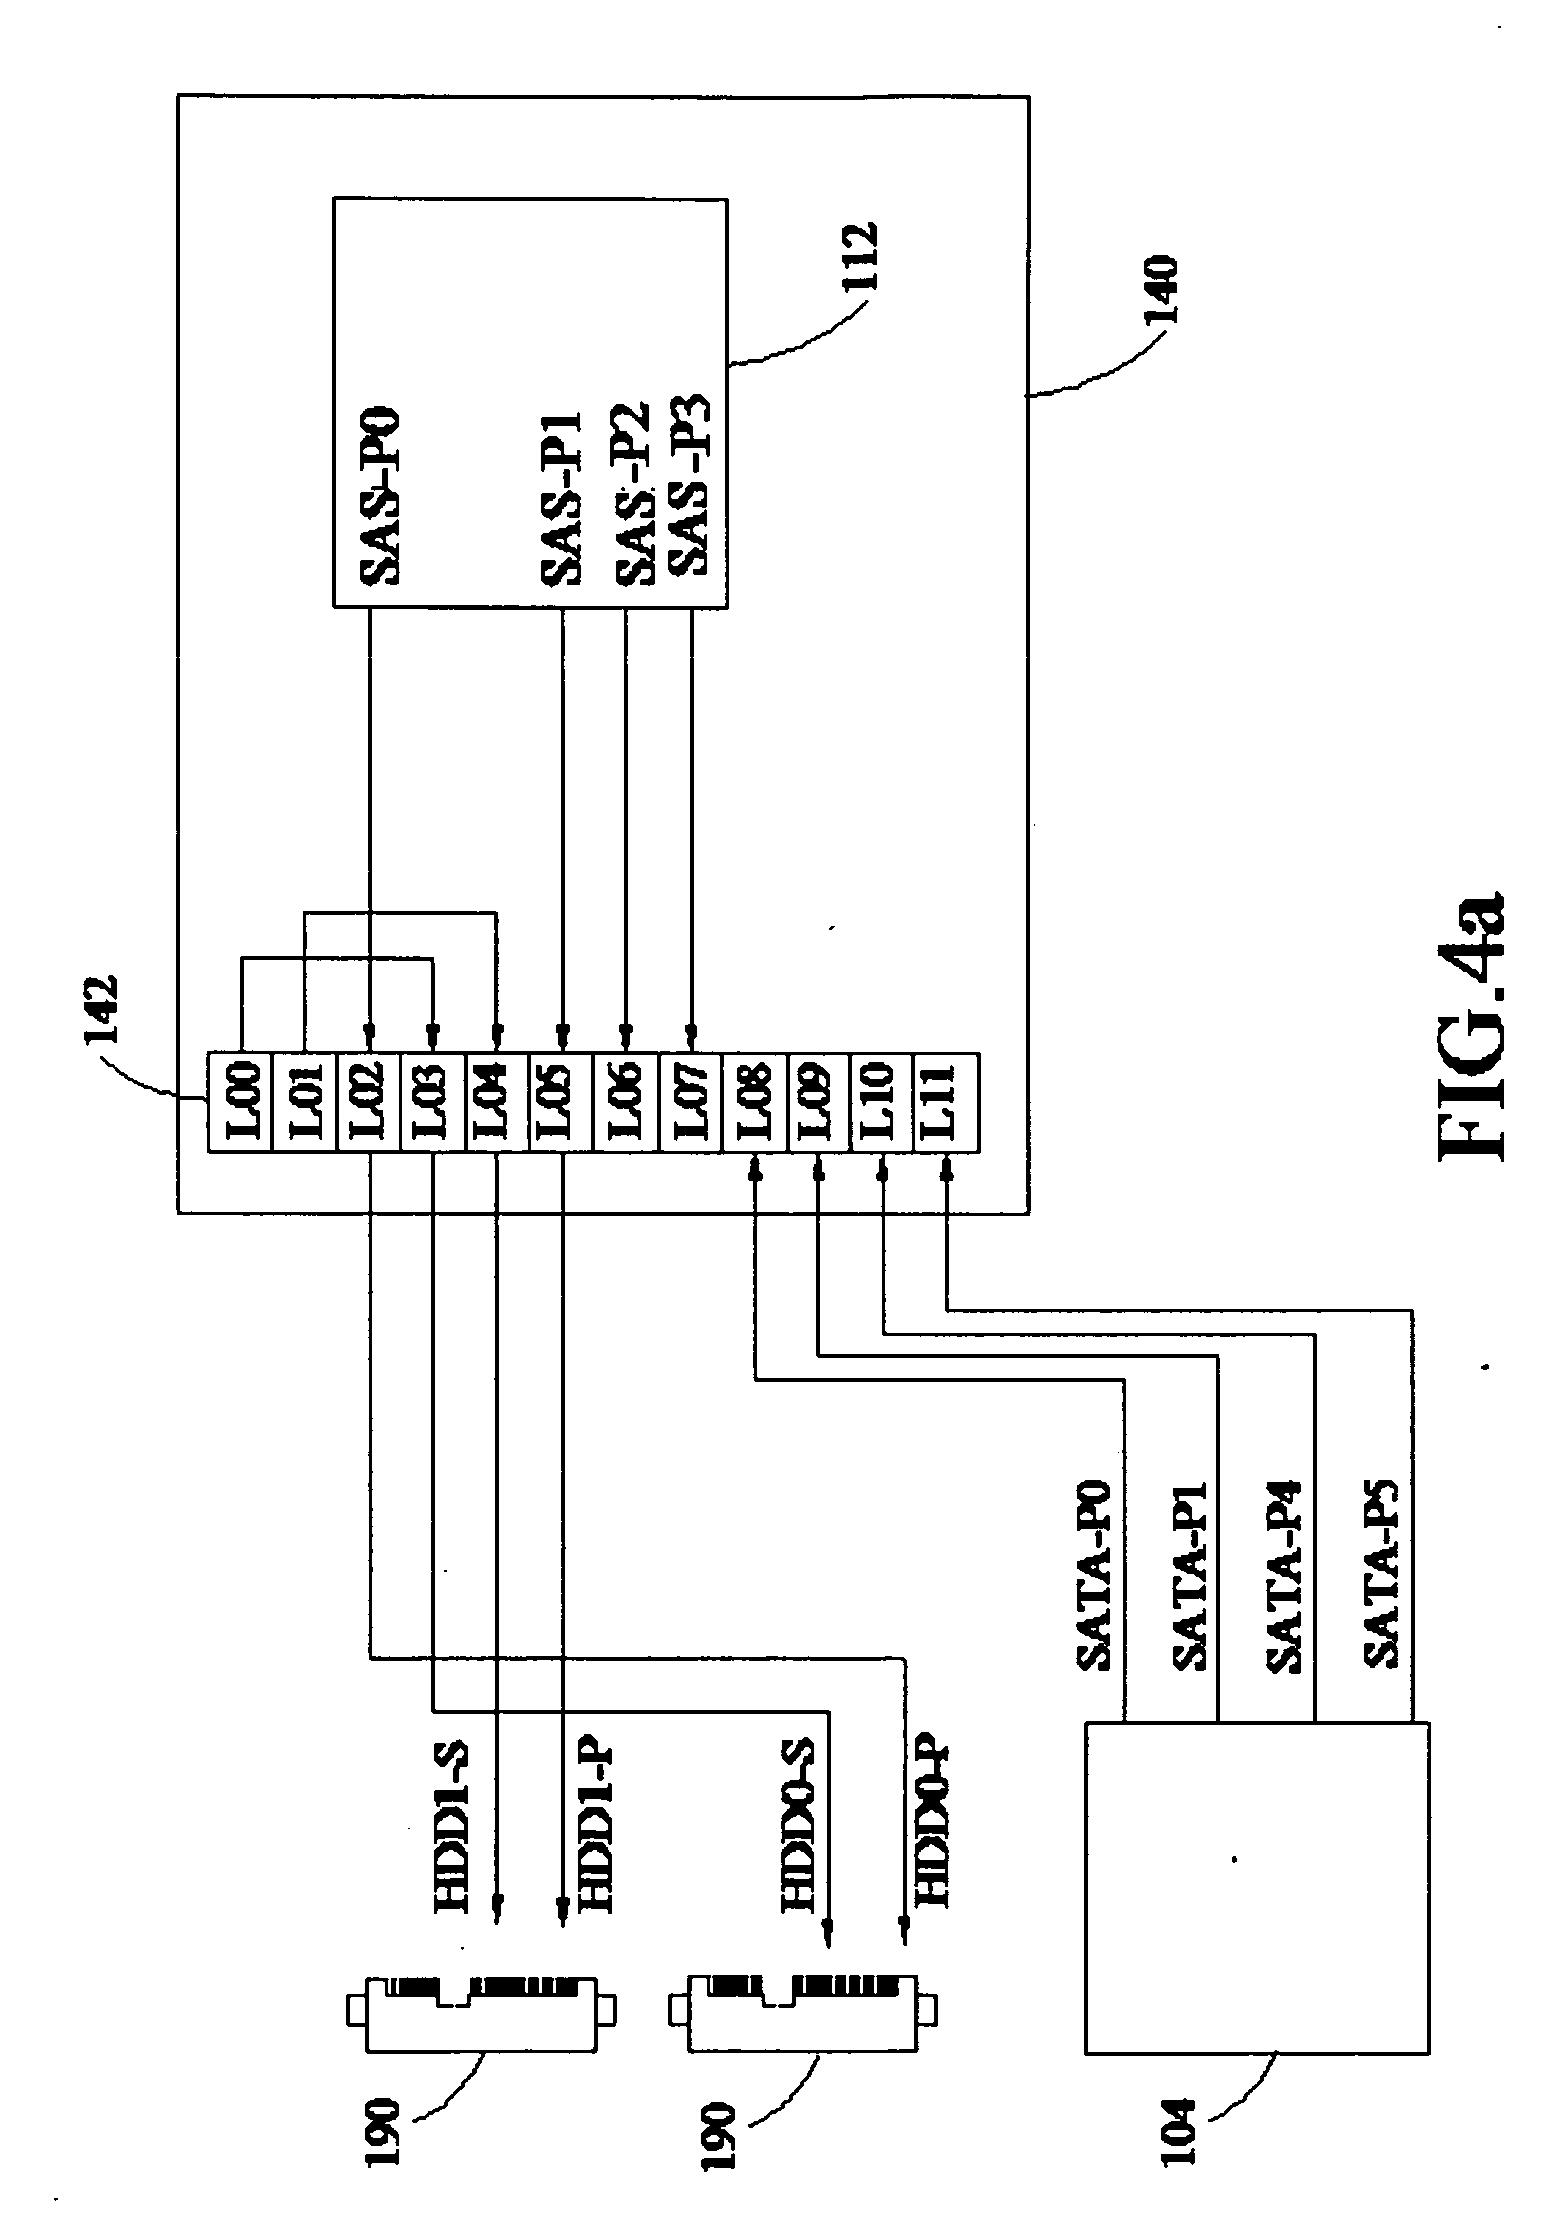 patent us20090268390